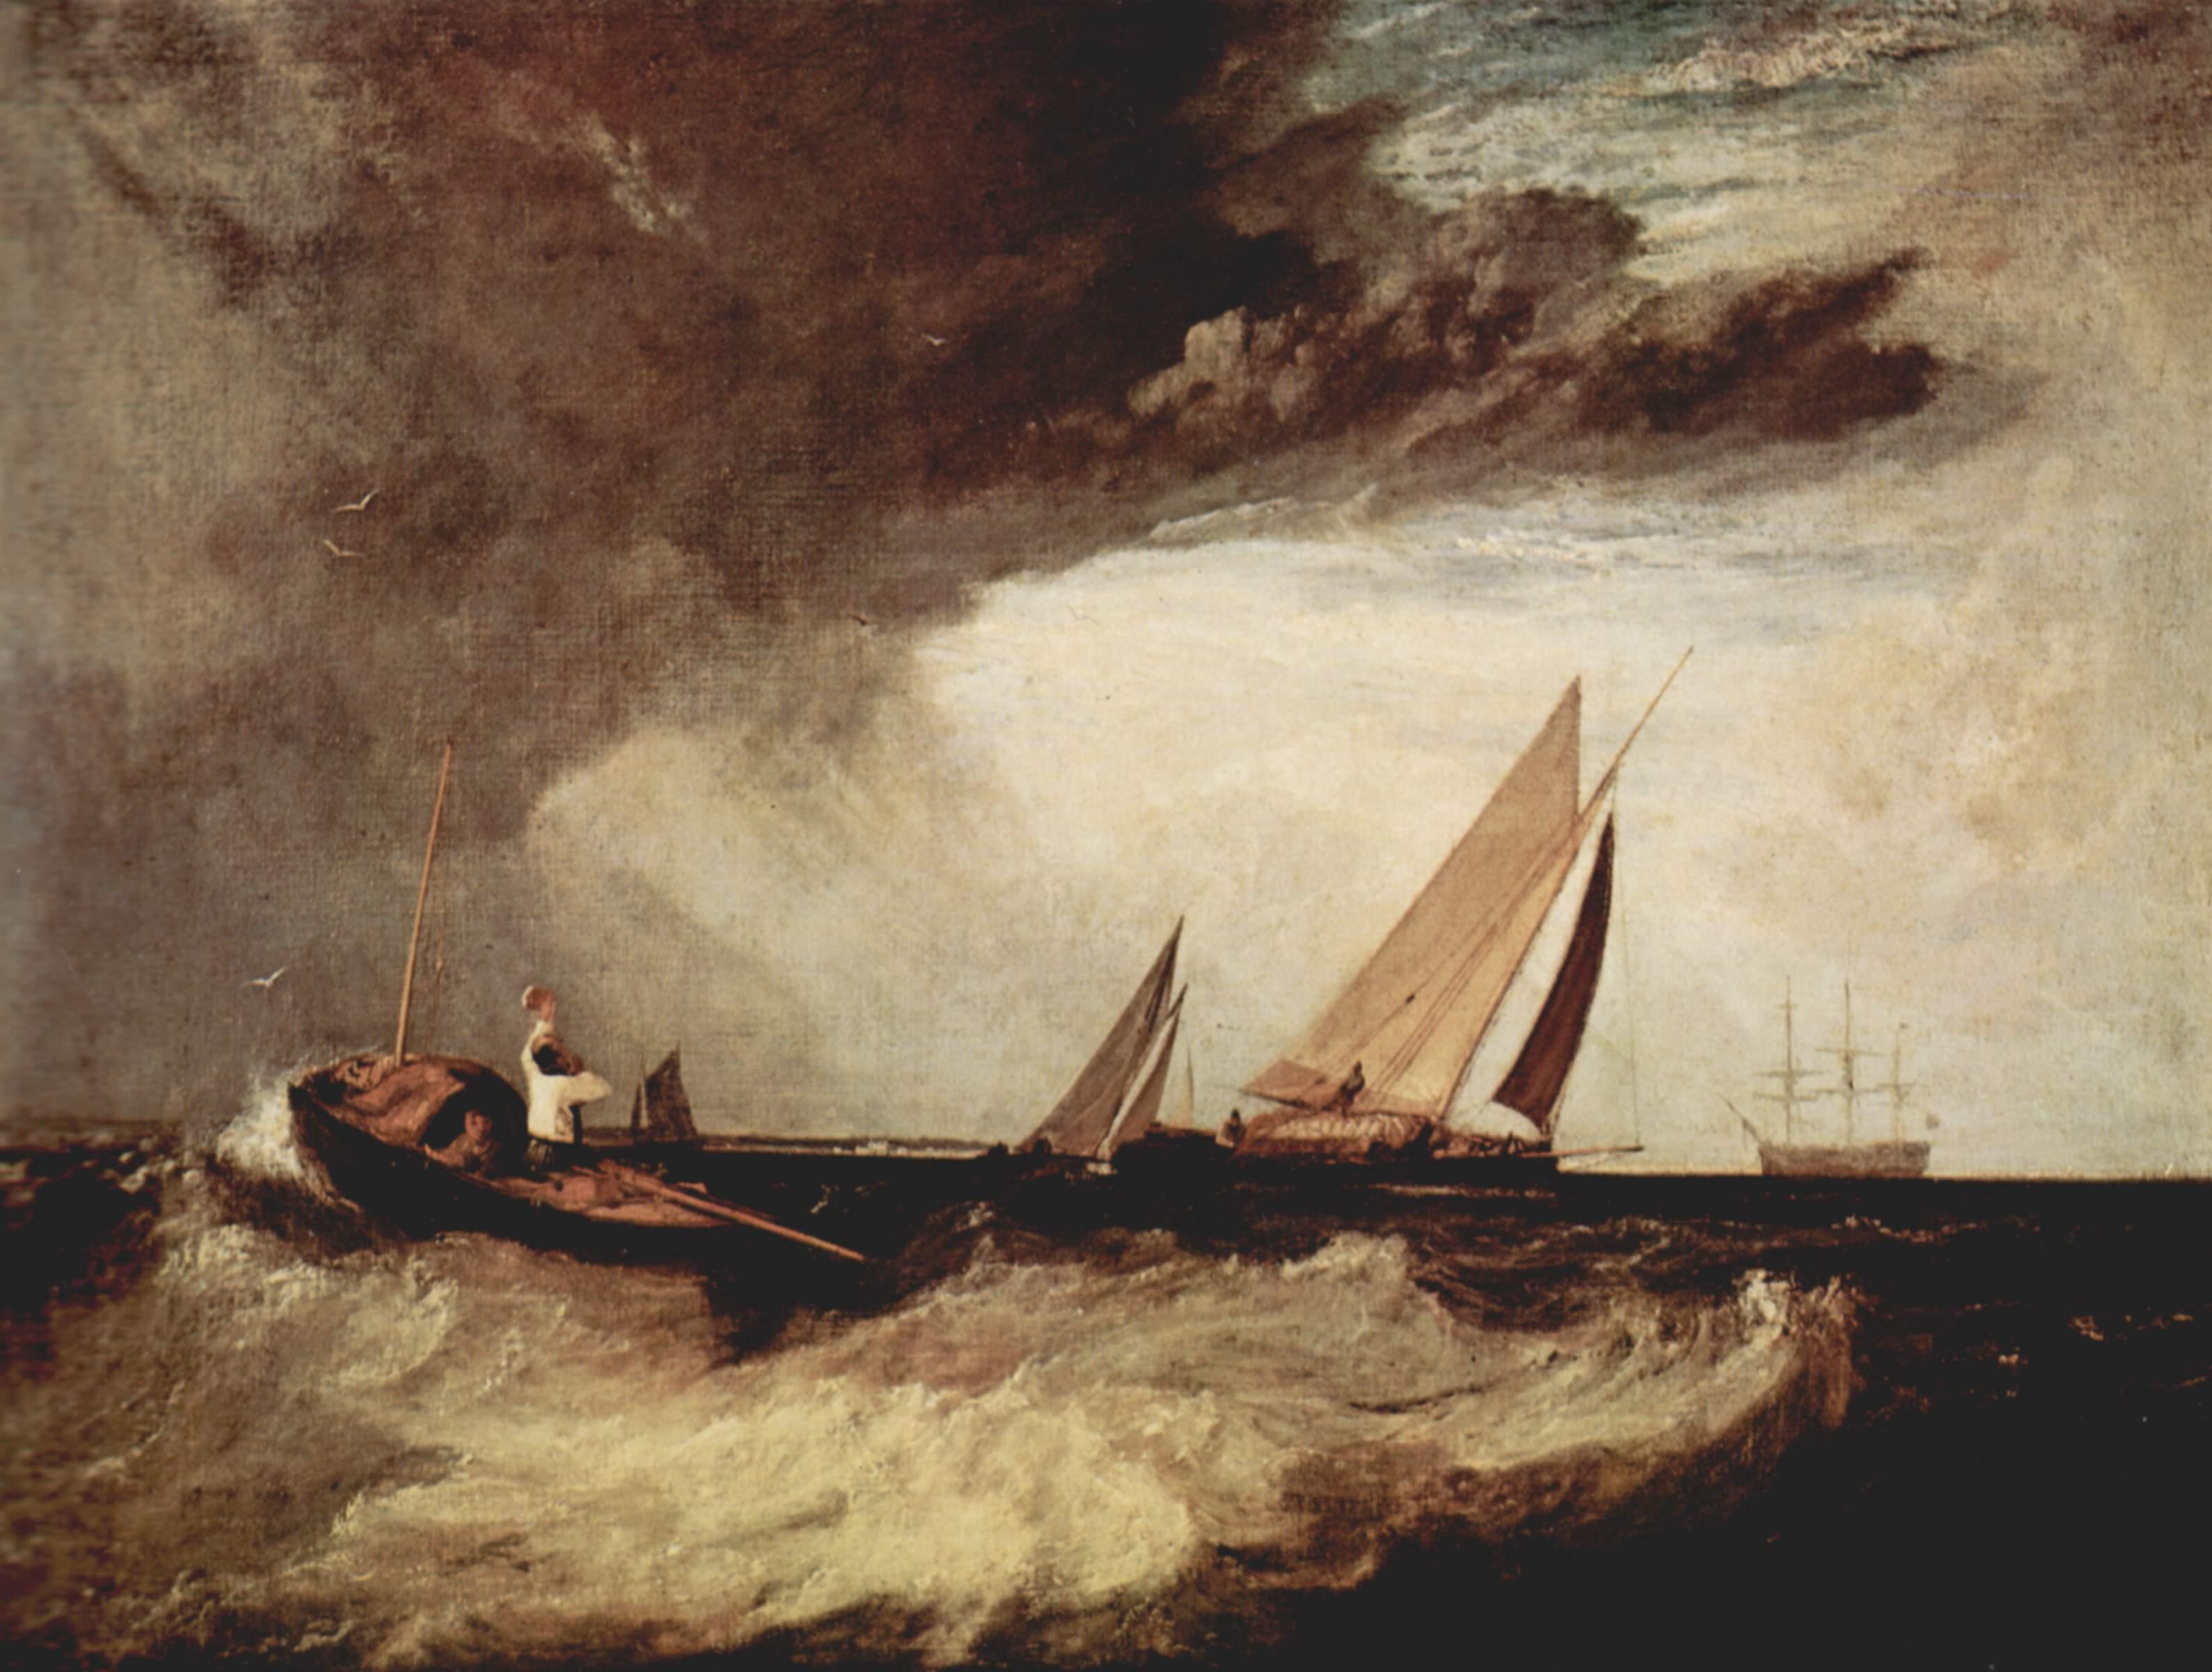 картина < Рыбак из Шуберинесса призывает на помощь уайтстейблский паром >:: Уильям Тёрнер ( William Turner ) - Тёрнер Уйльям фото